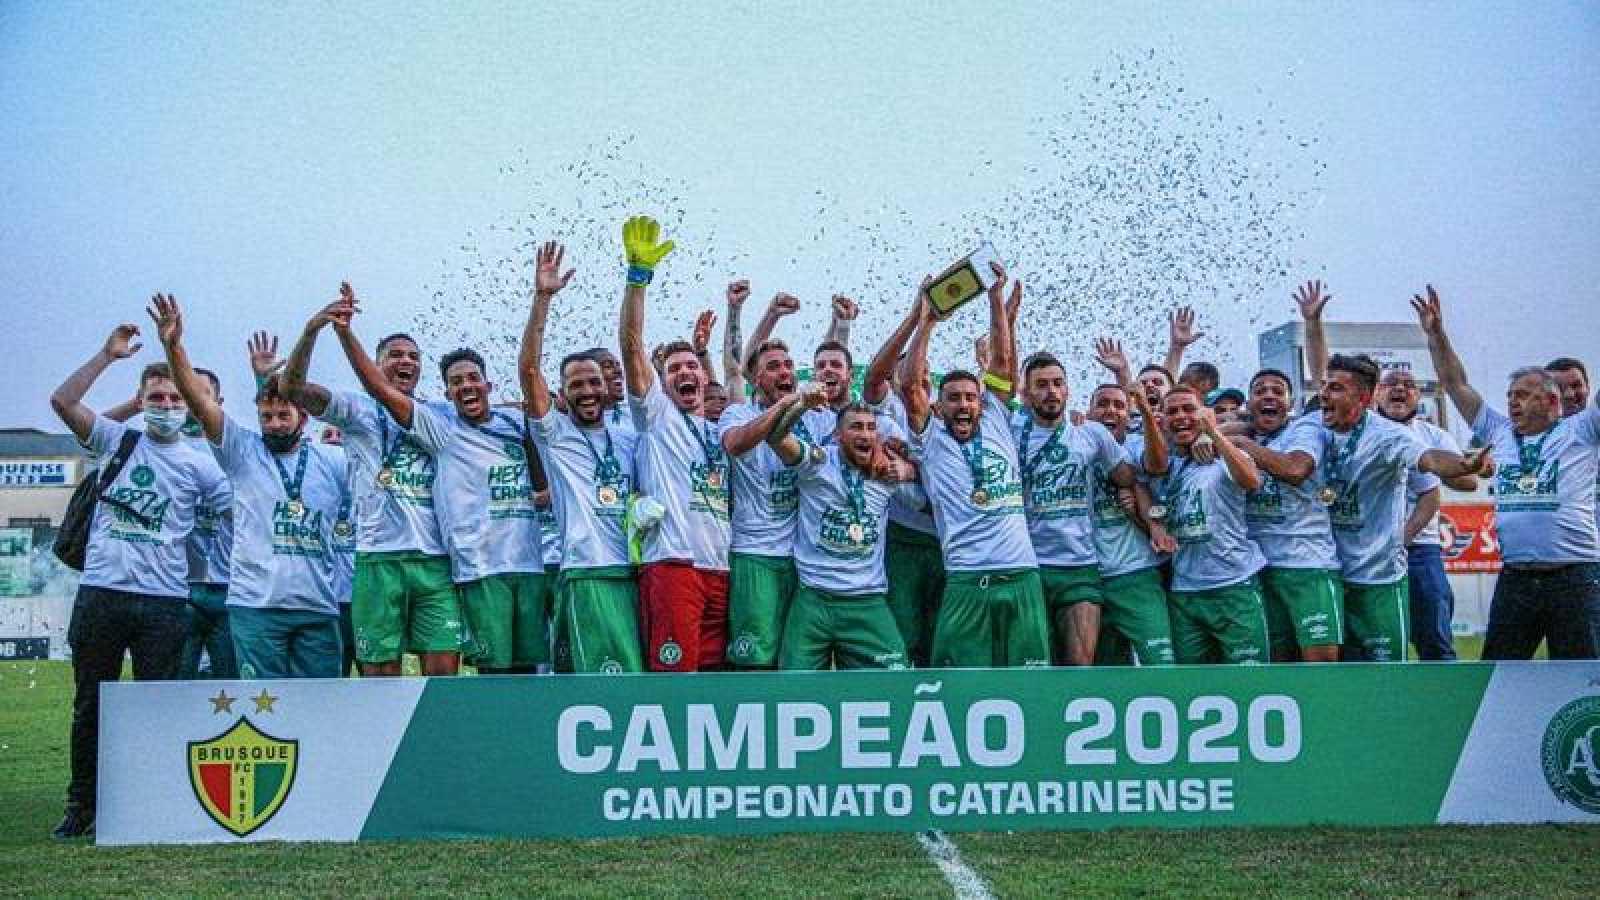 Los jugadores del Chapecoense celebran el título del campeonato Caterinense 2020.